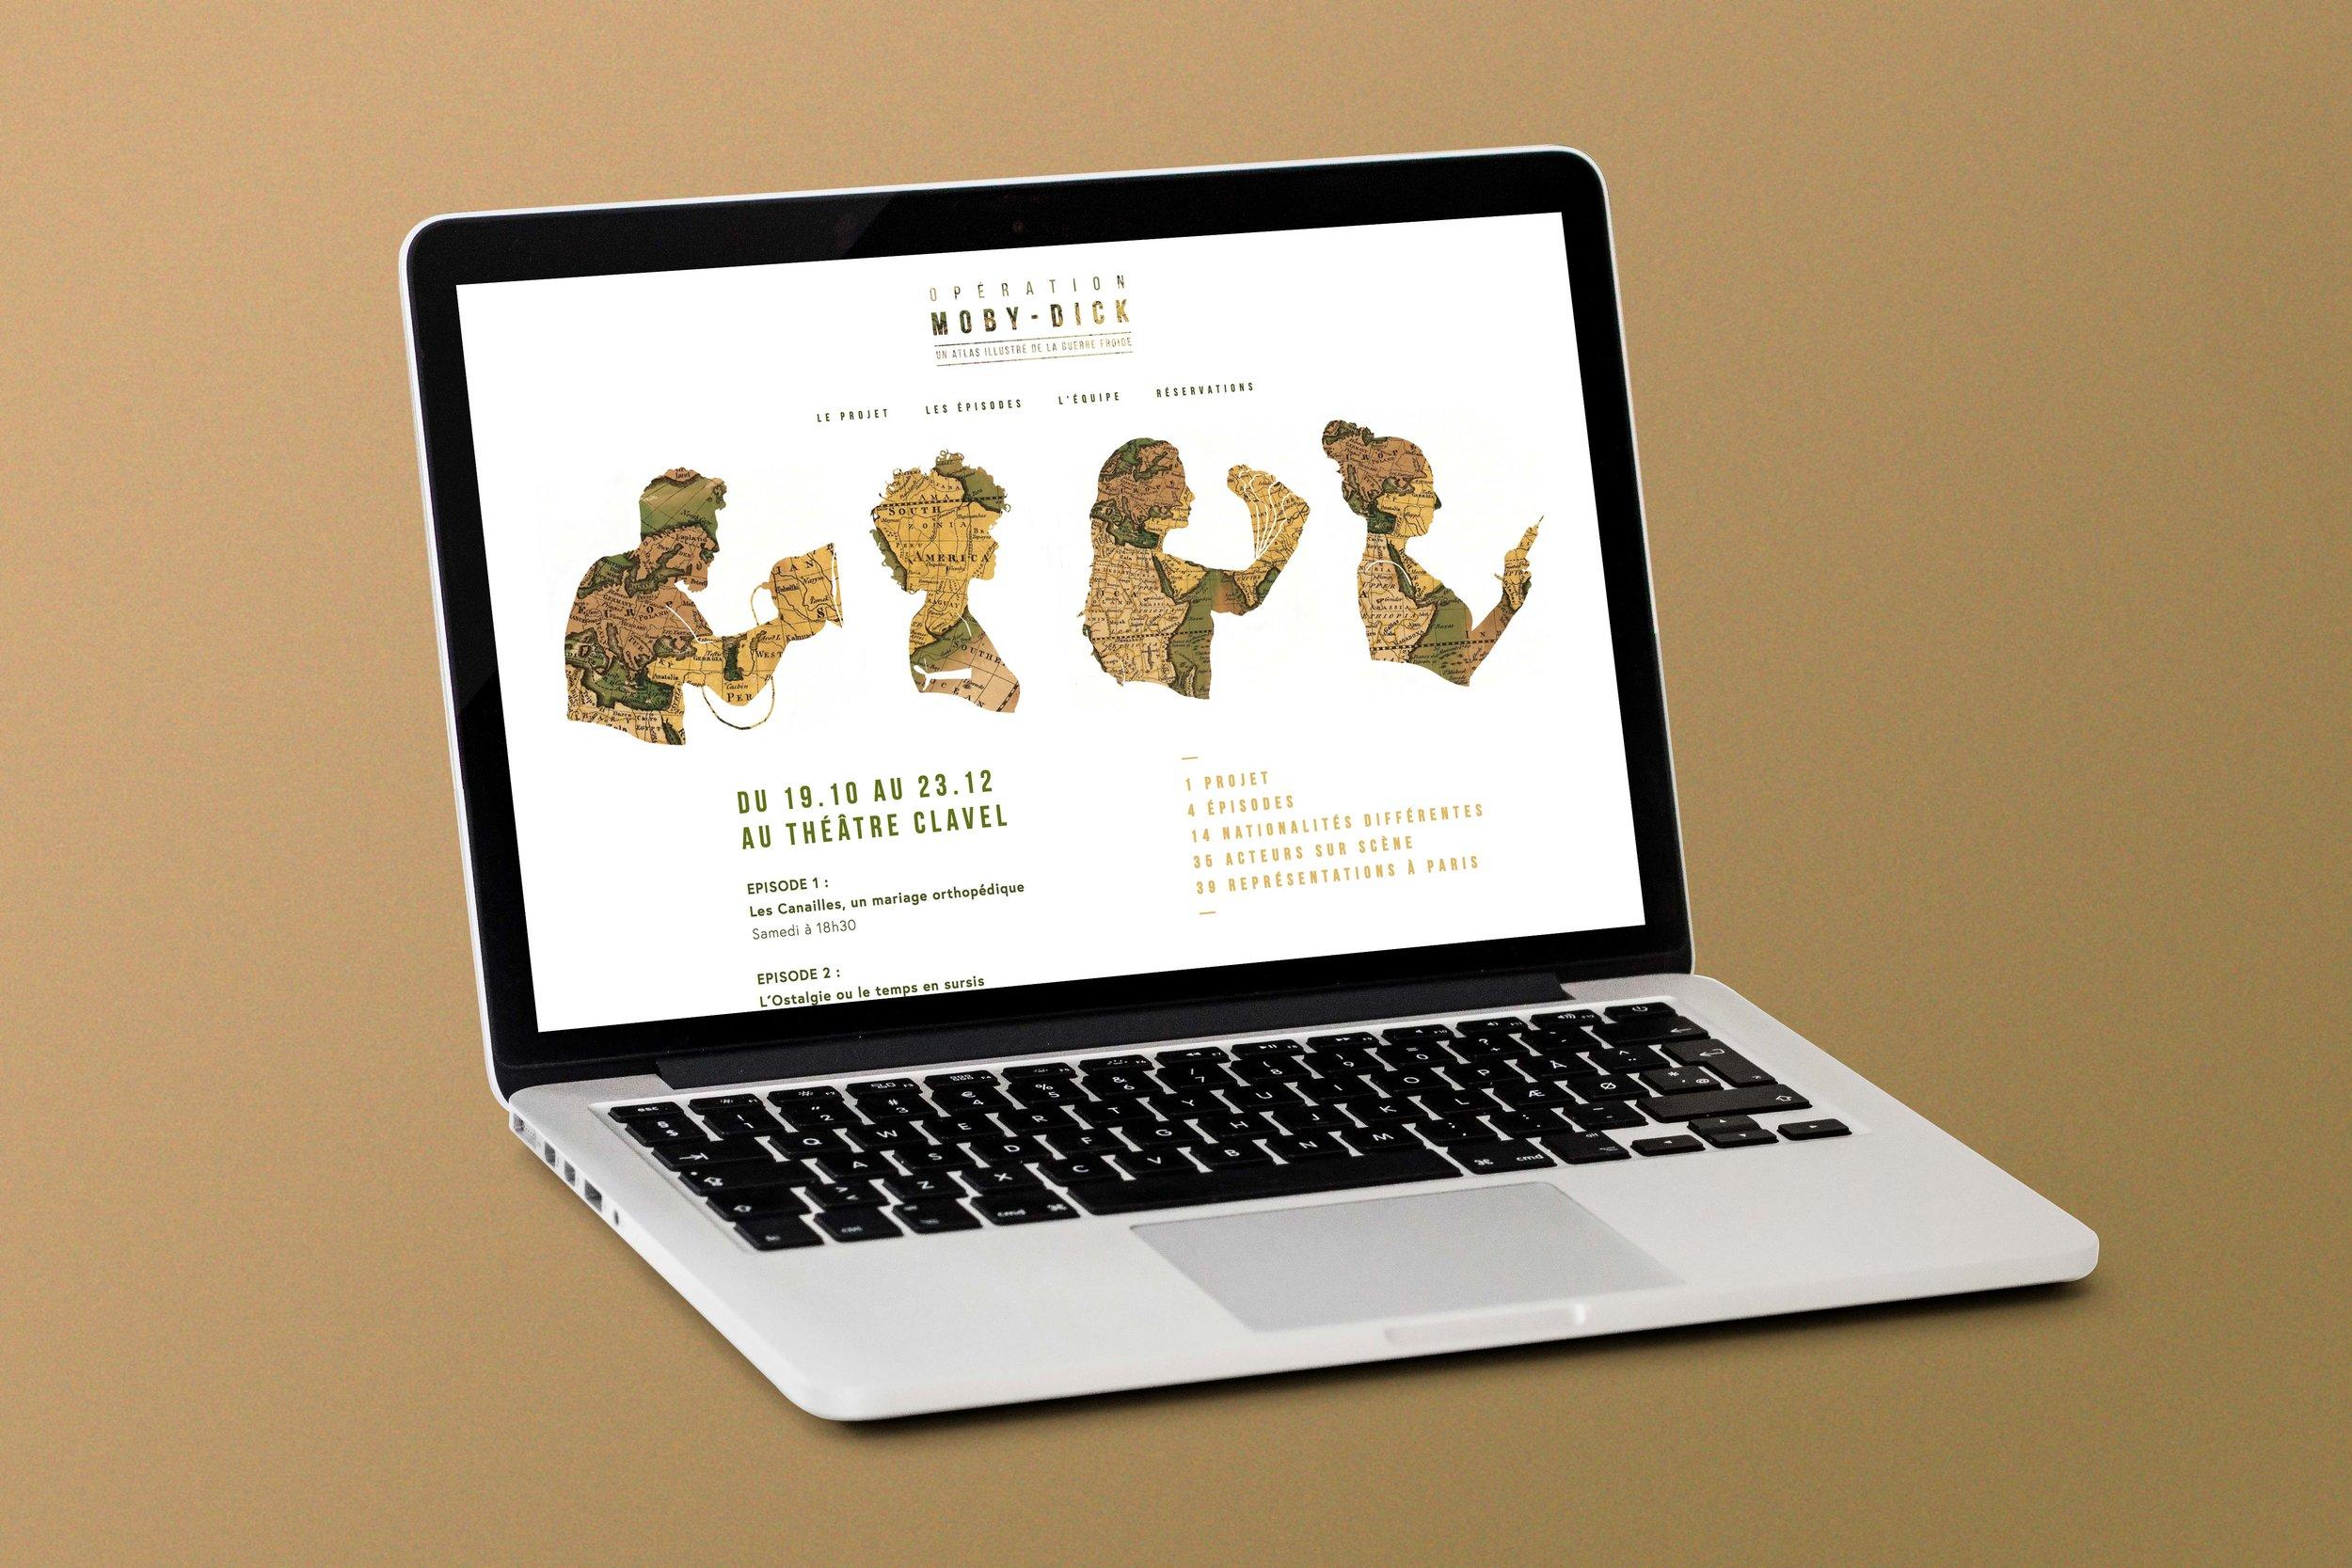 Macbook-Mockup---Mobydick.jpg